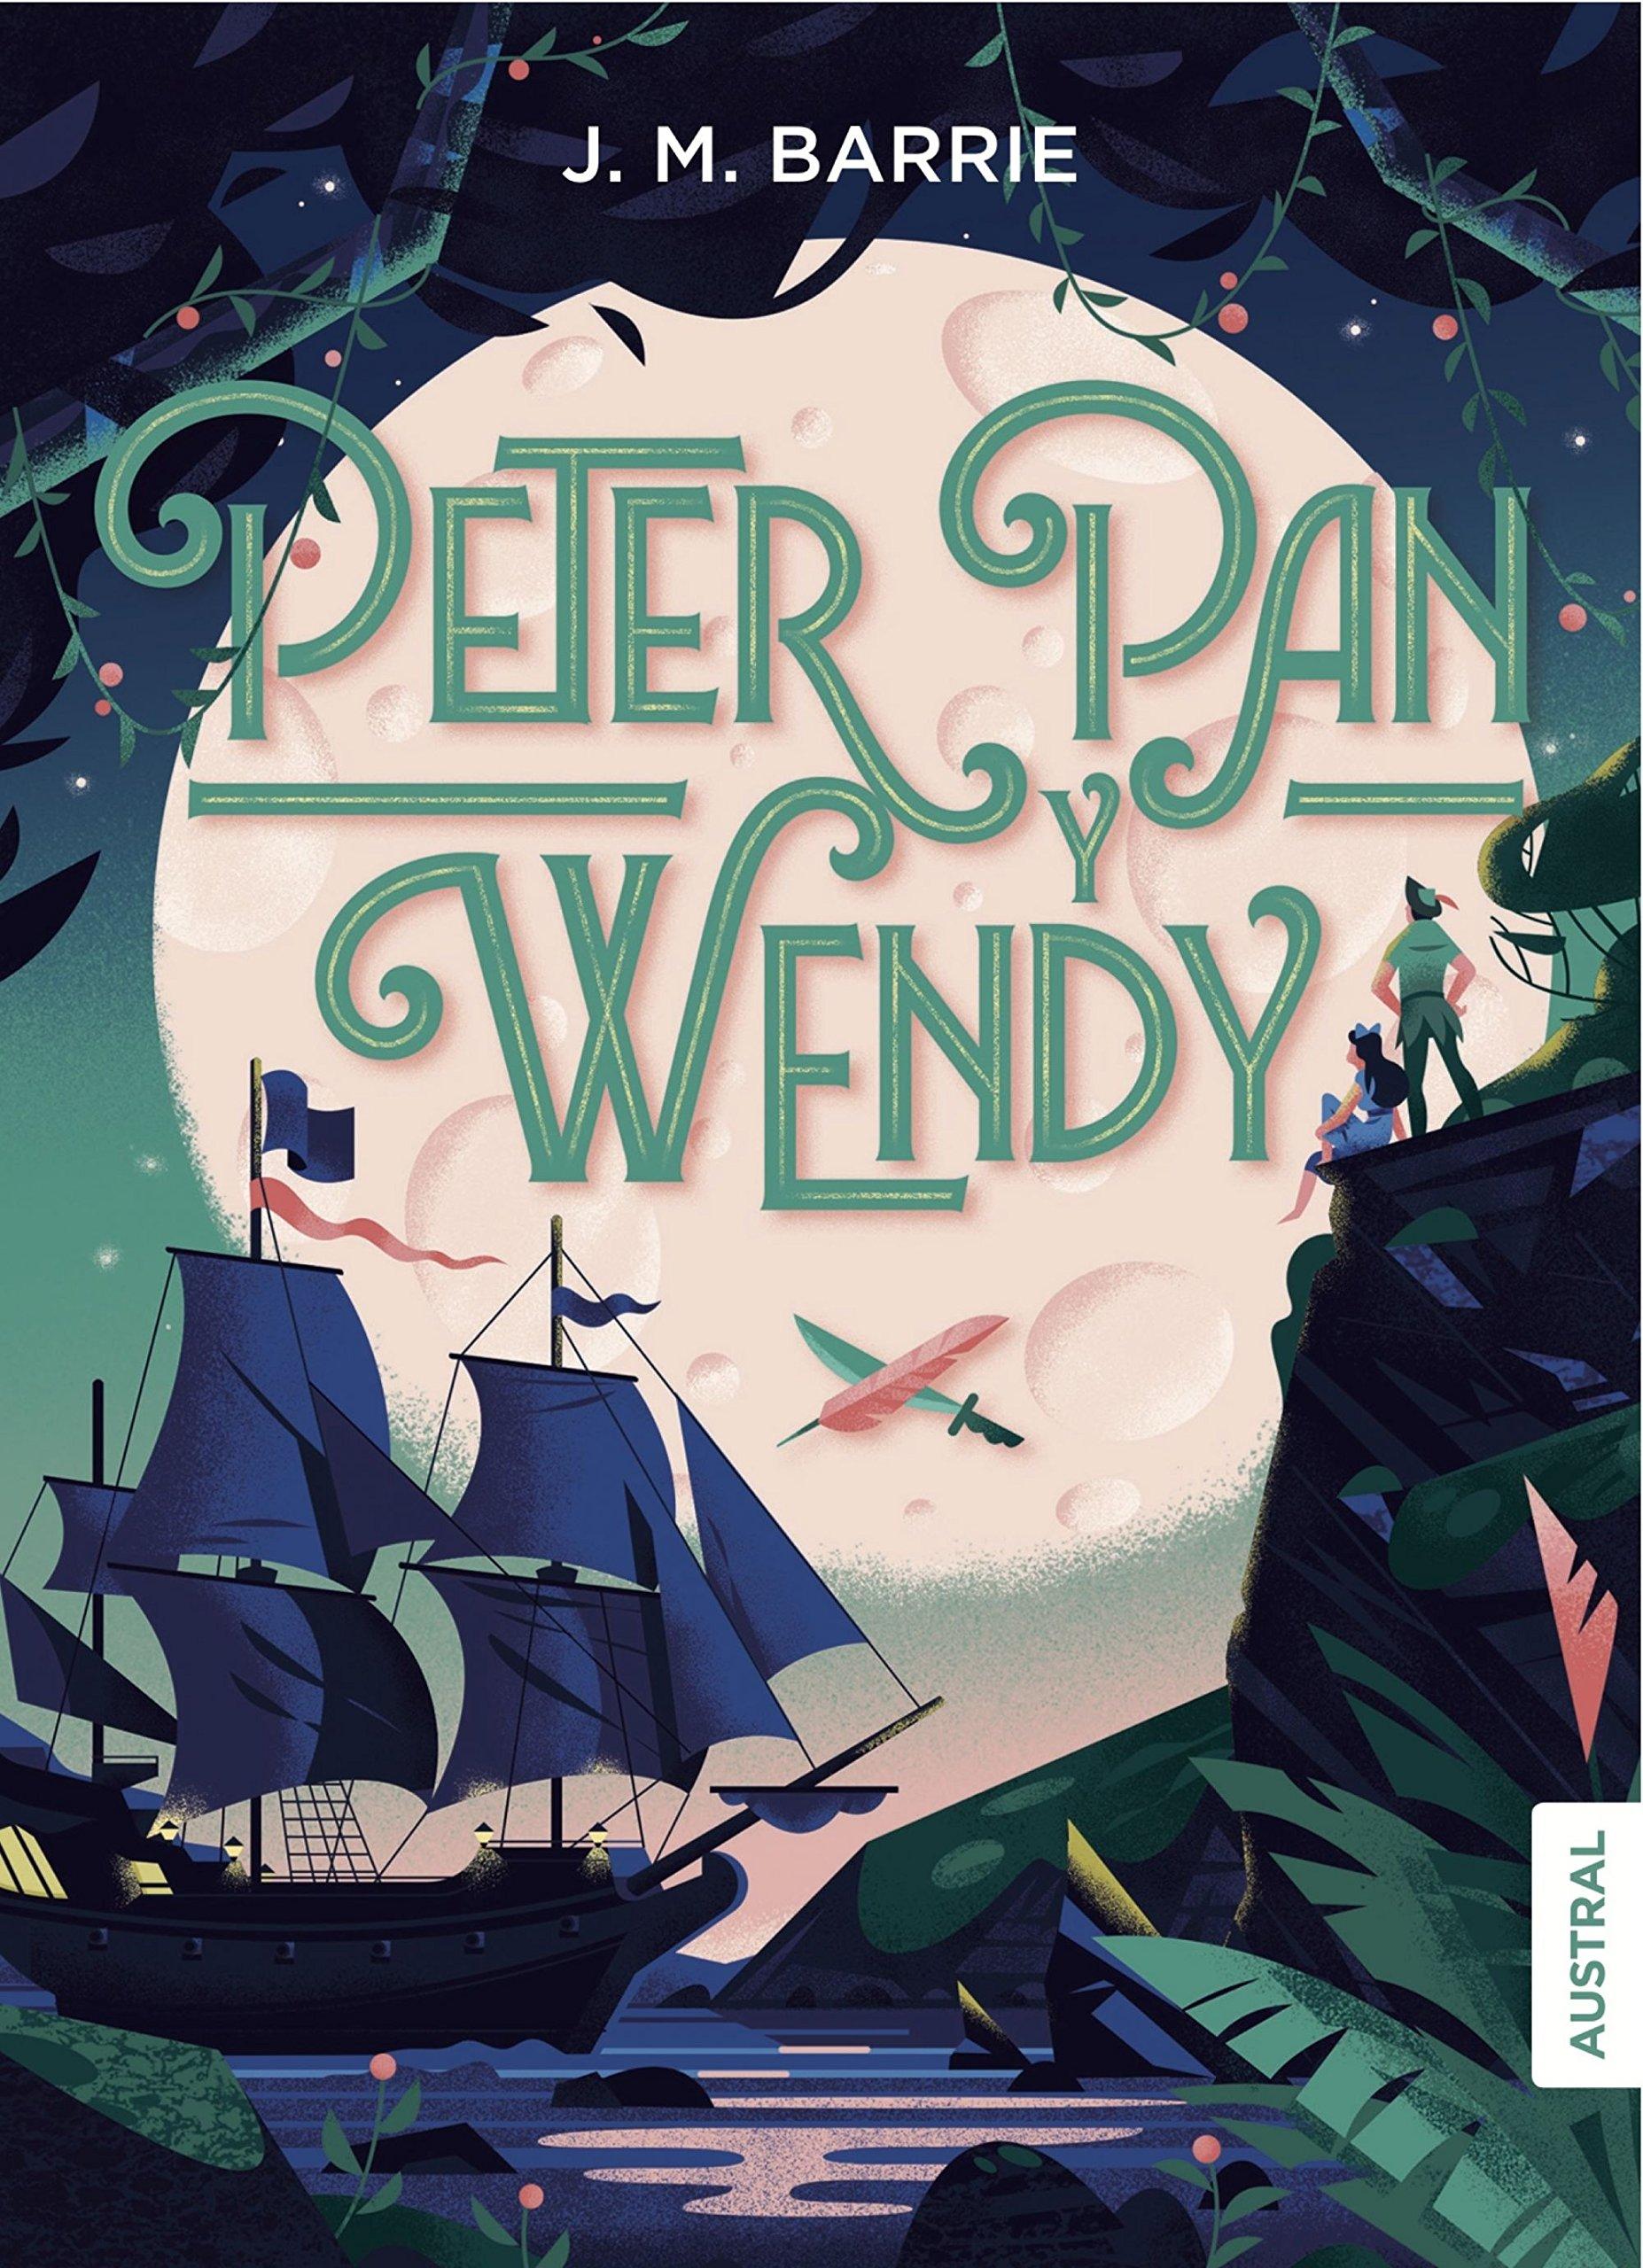 Peter Pan y Wendy Book Cover